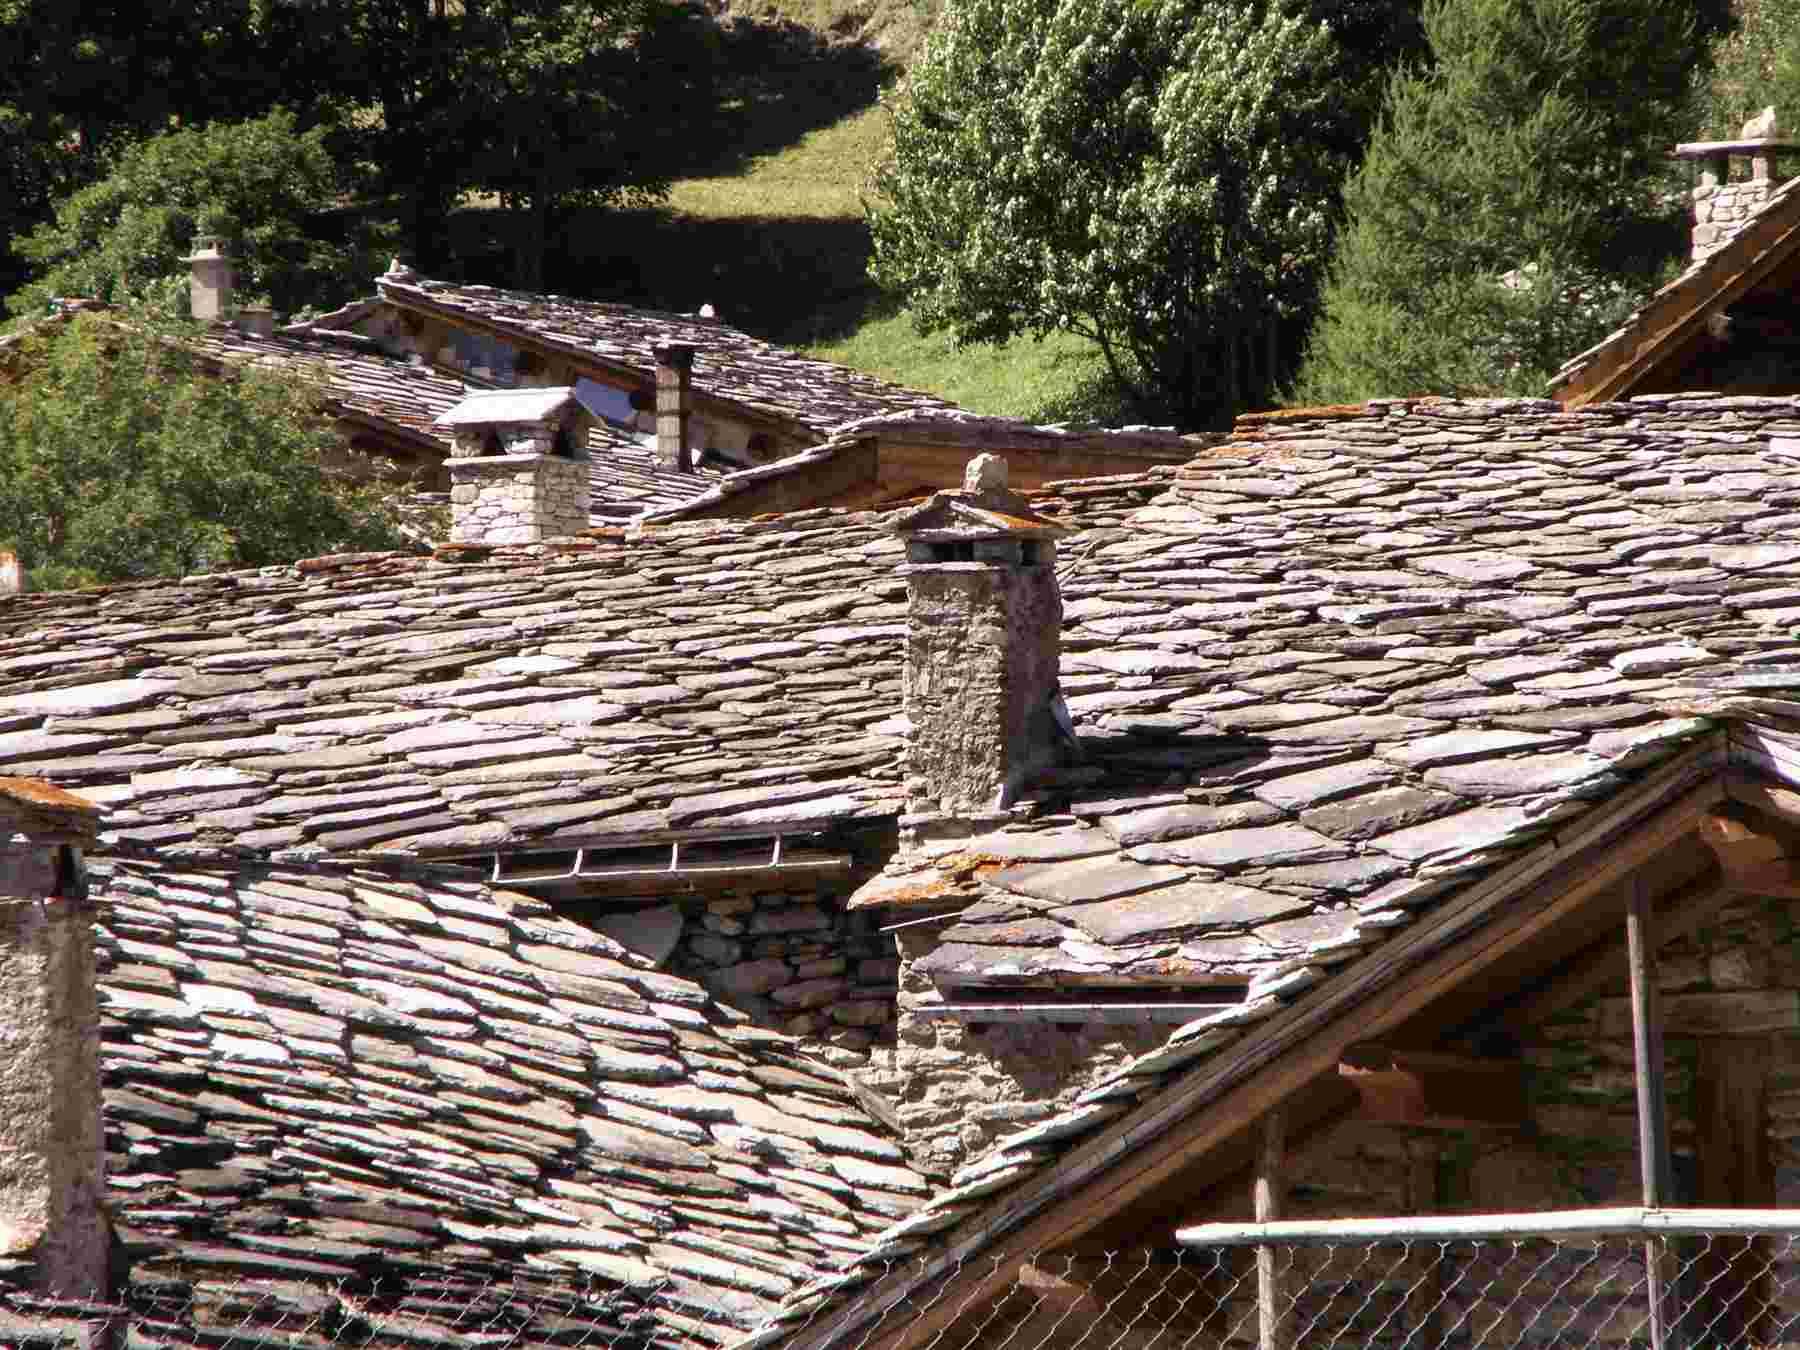 Tour de France virtuel - Les Plus Beaux Villages de France Pict0011